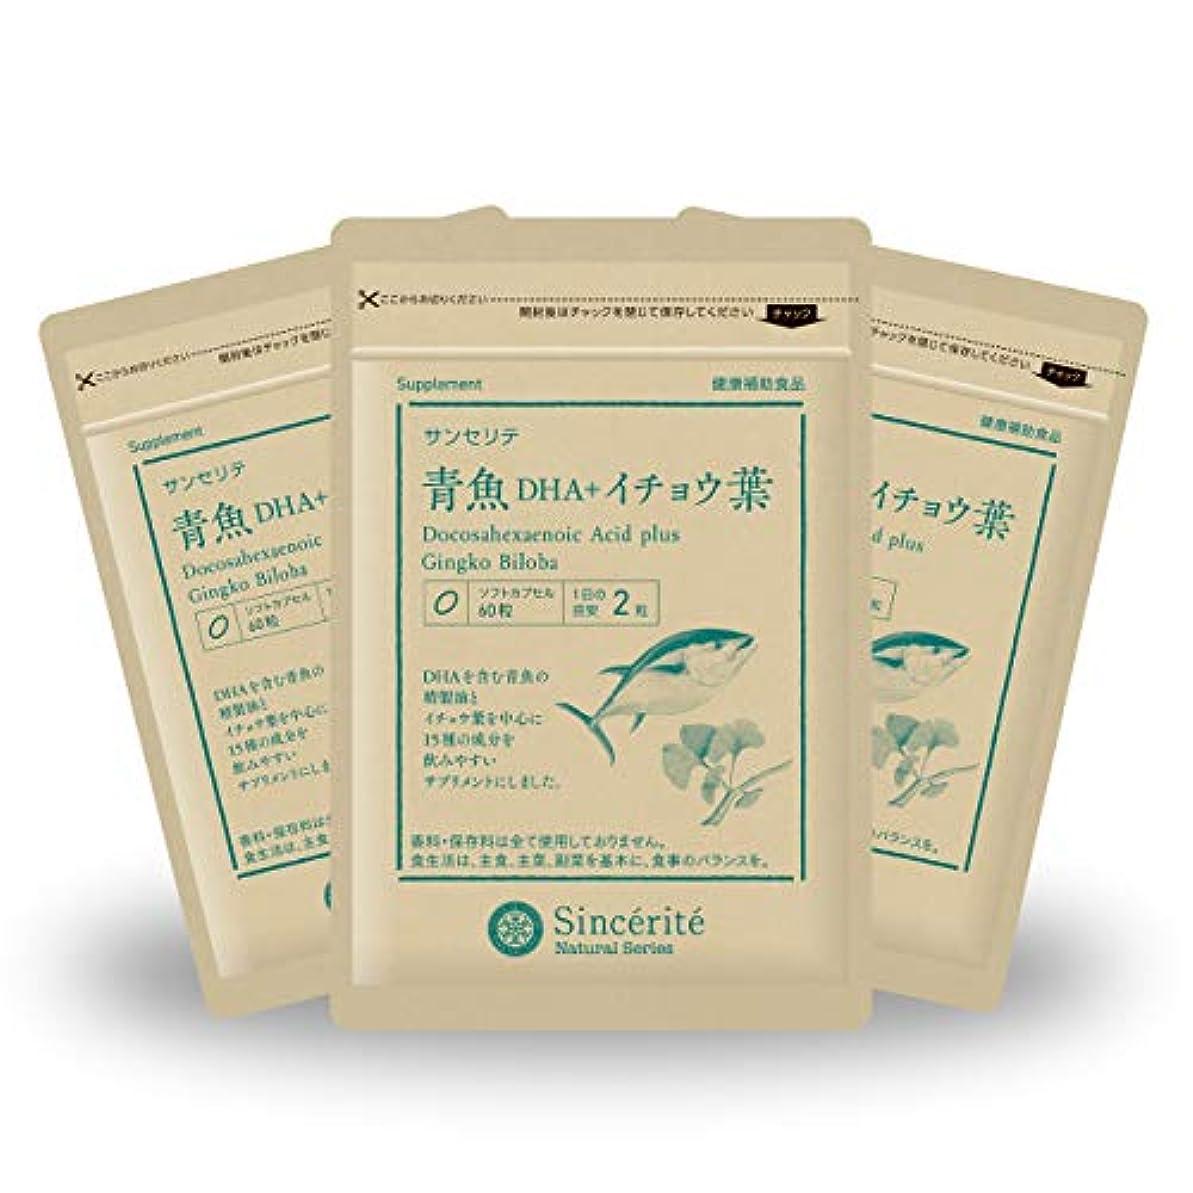 サスペンド乳製品駐地青魚DHA+イチョウ葉 3袋セット[送料無料][DHA]101mg配合[国内製造]お得な★90日分